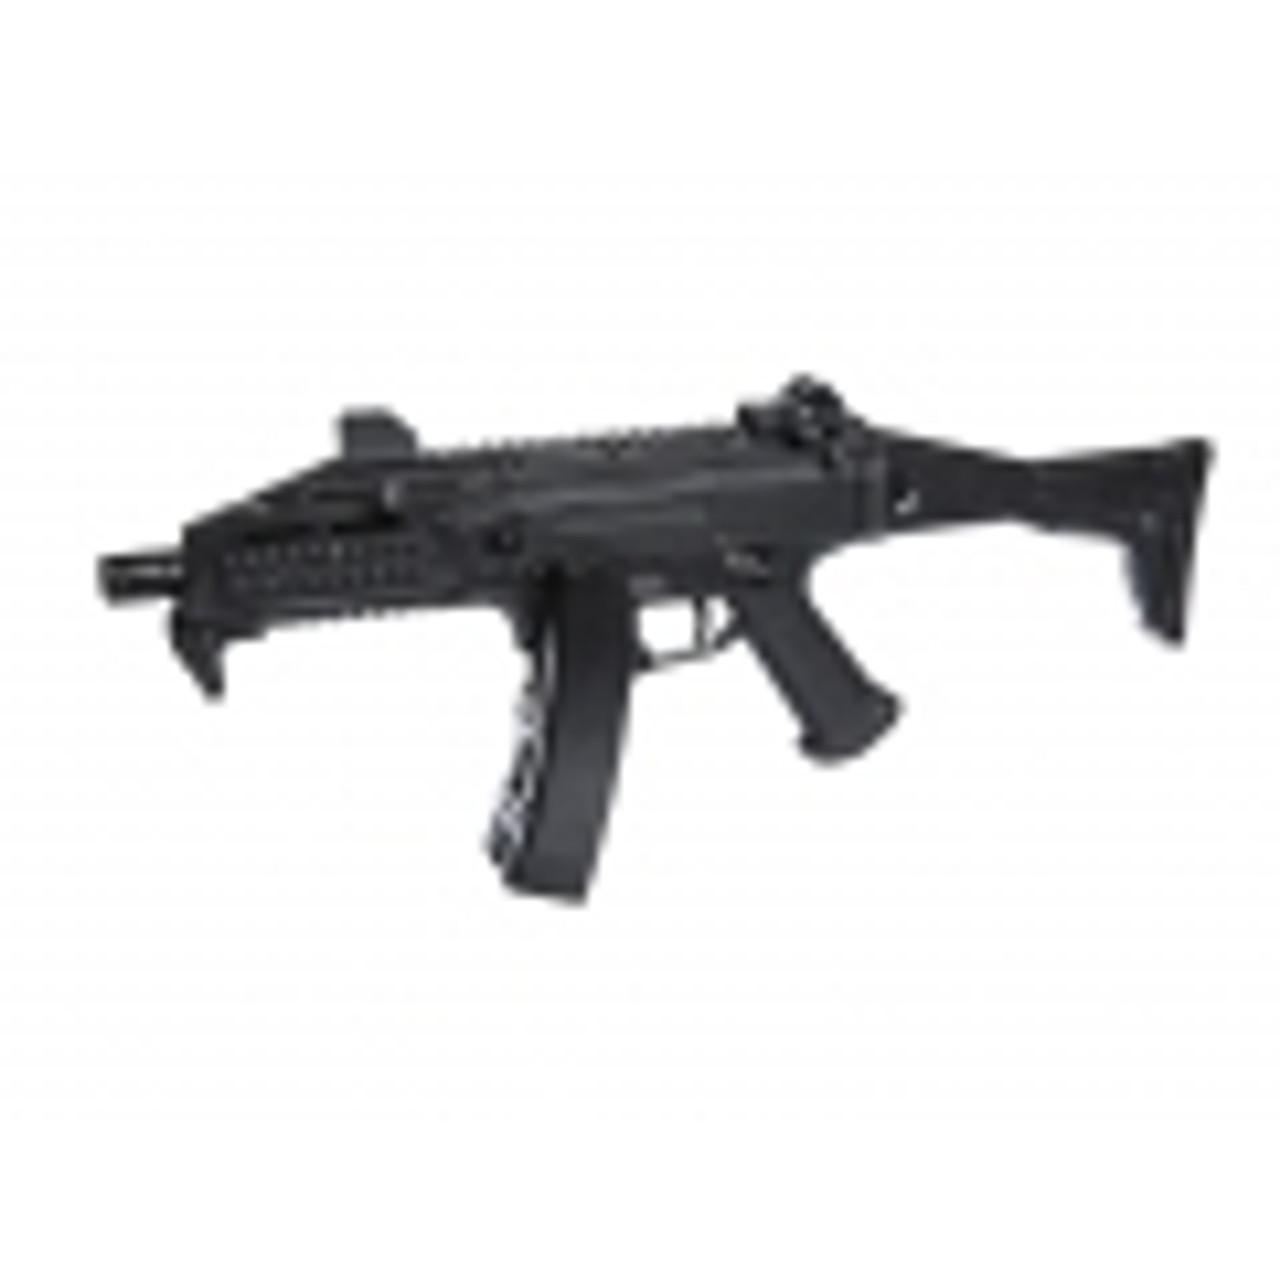 Airsoft Submachine Guns